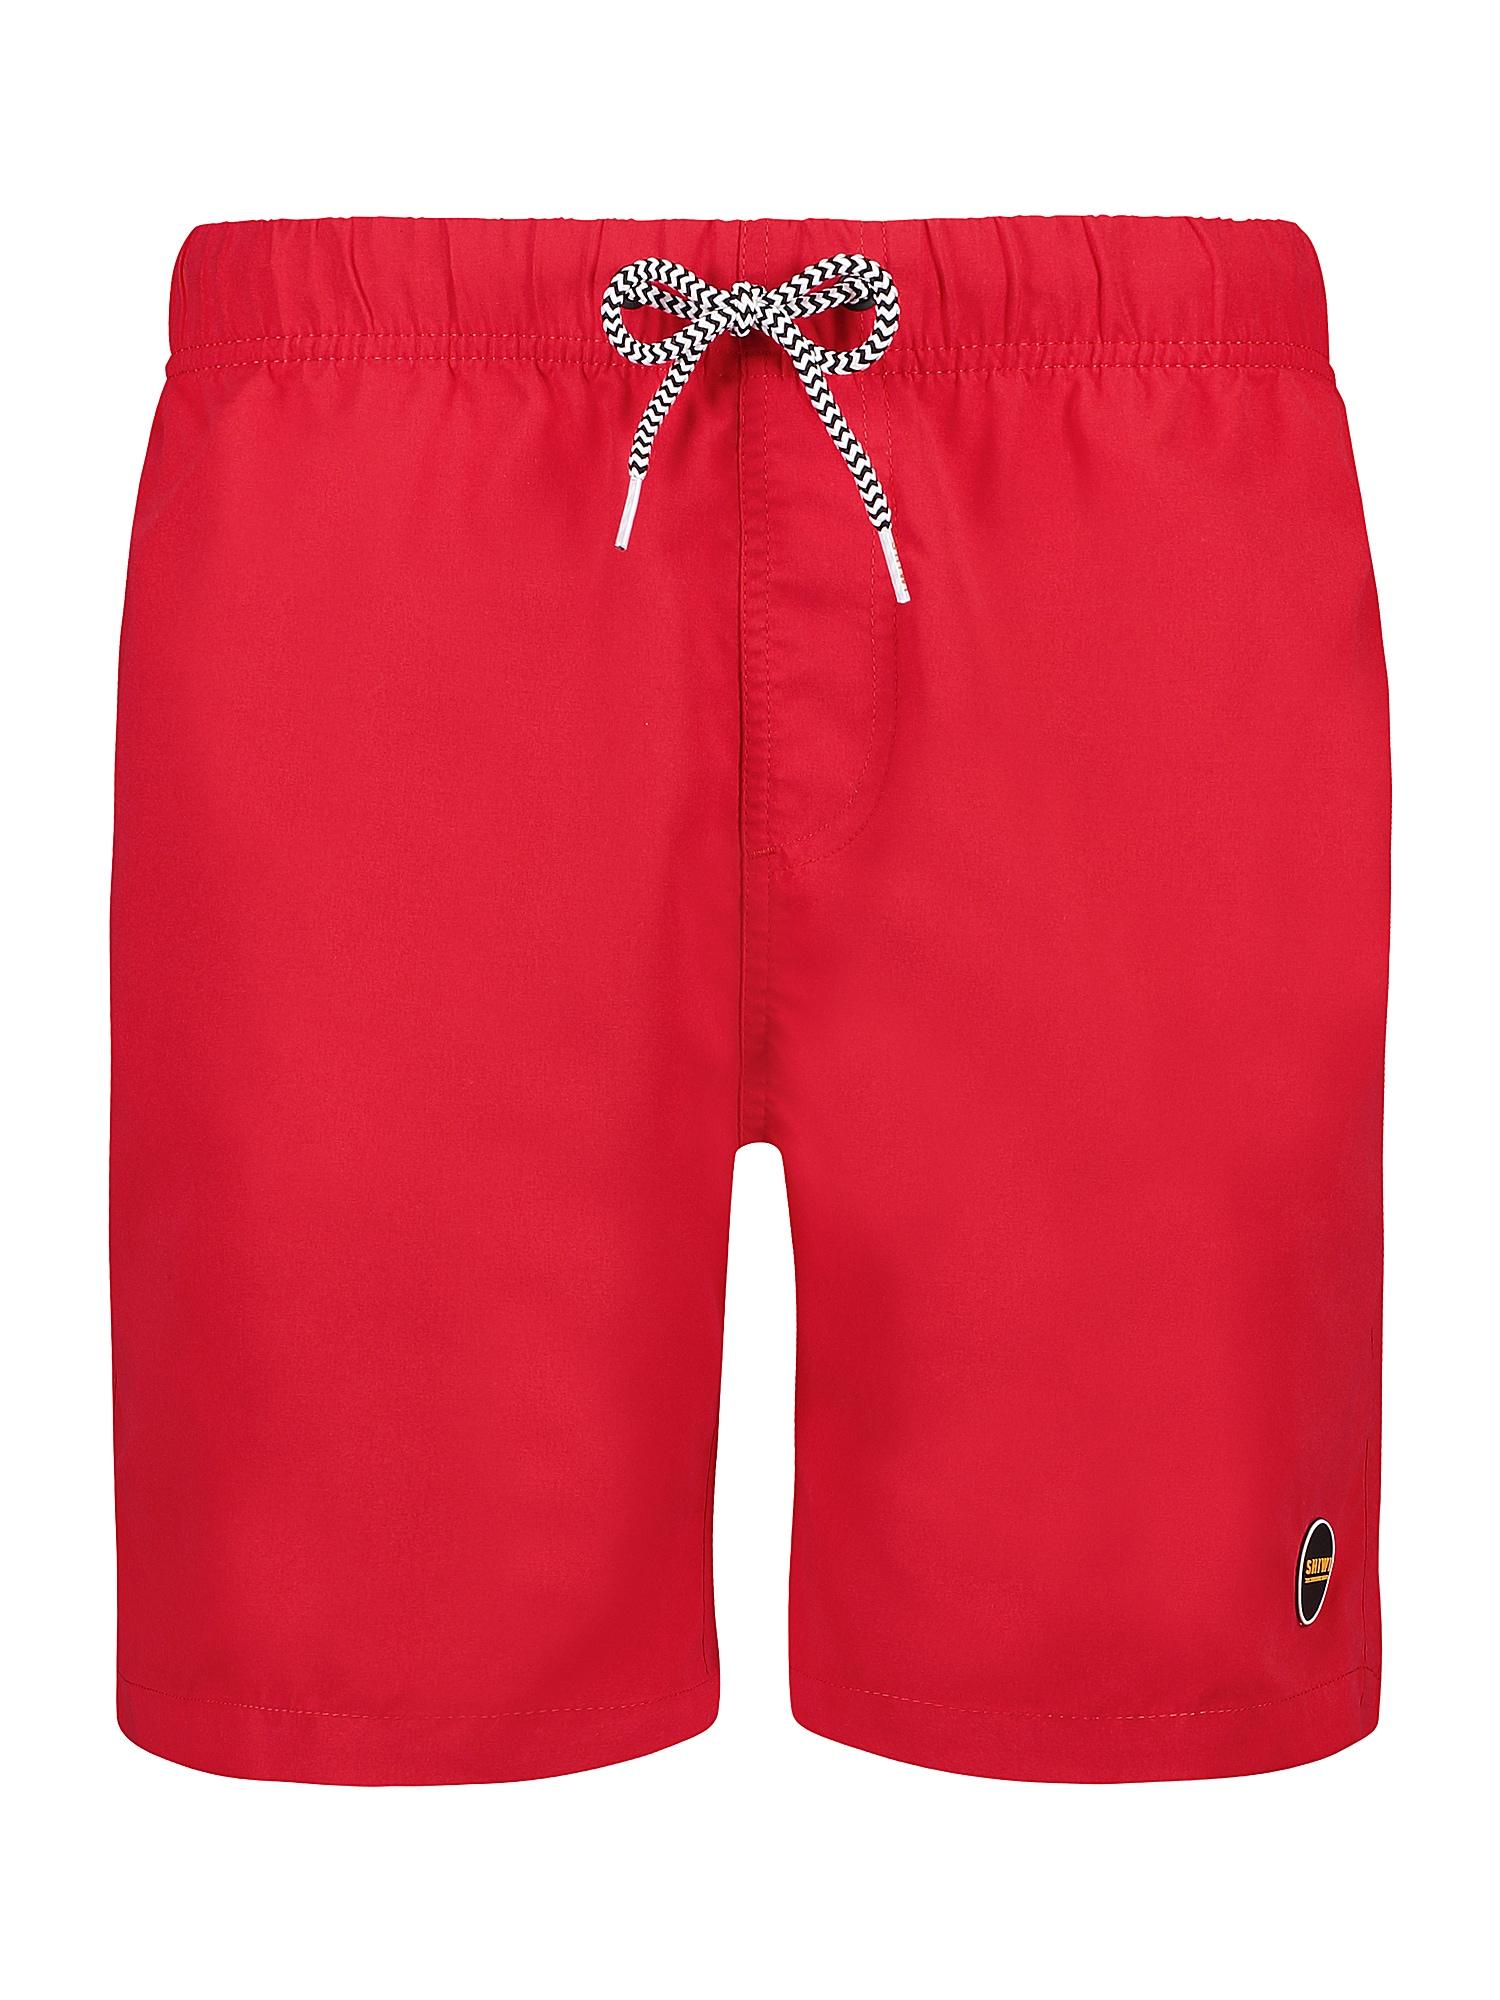 Shiwi Plavky 'Solid mike'  červené